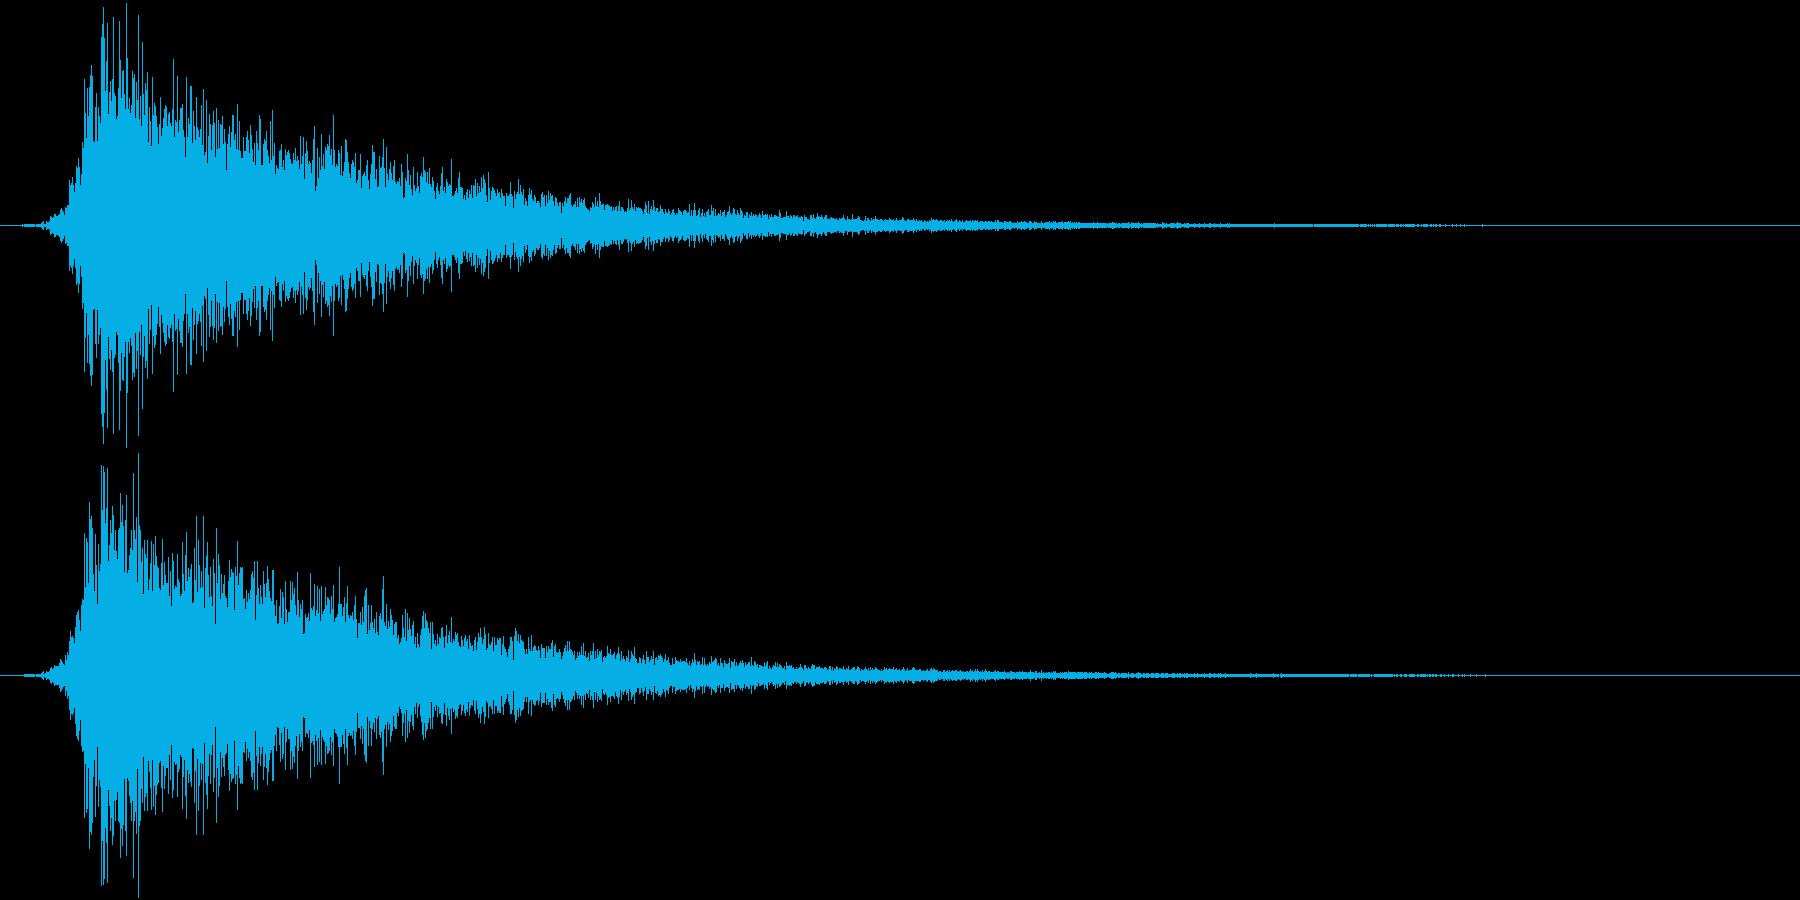 カットイン/シュパーン/ロゴ/開始の再生済みの波形